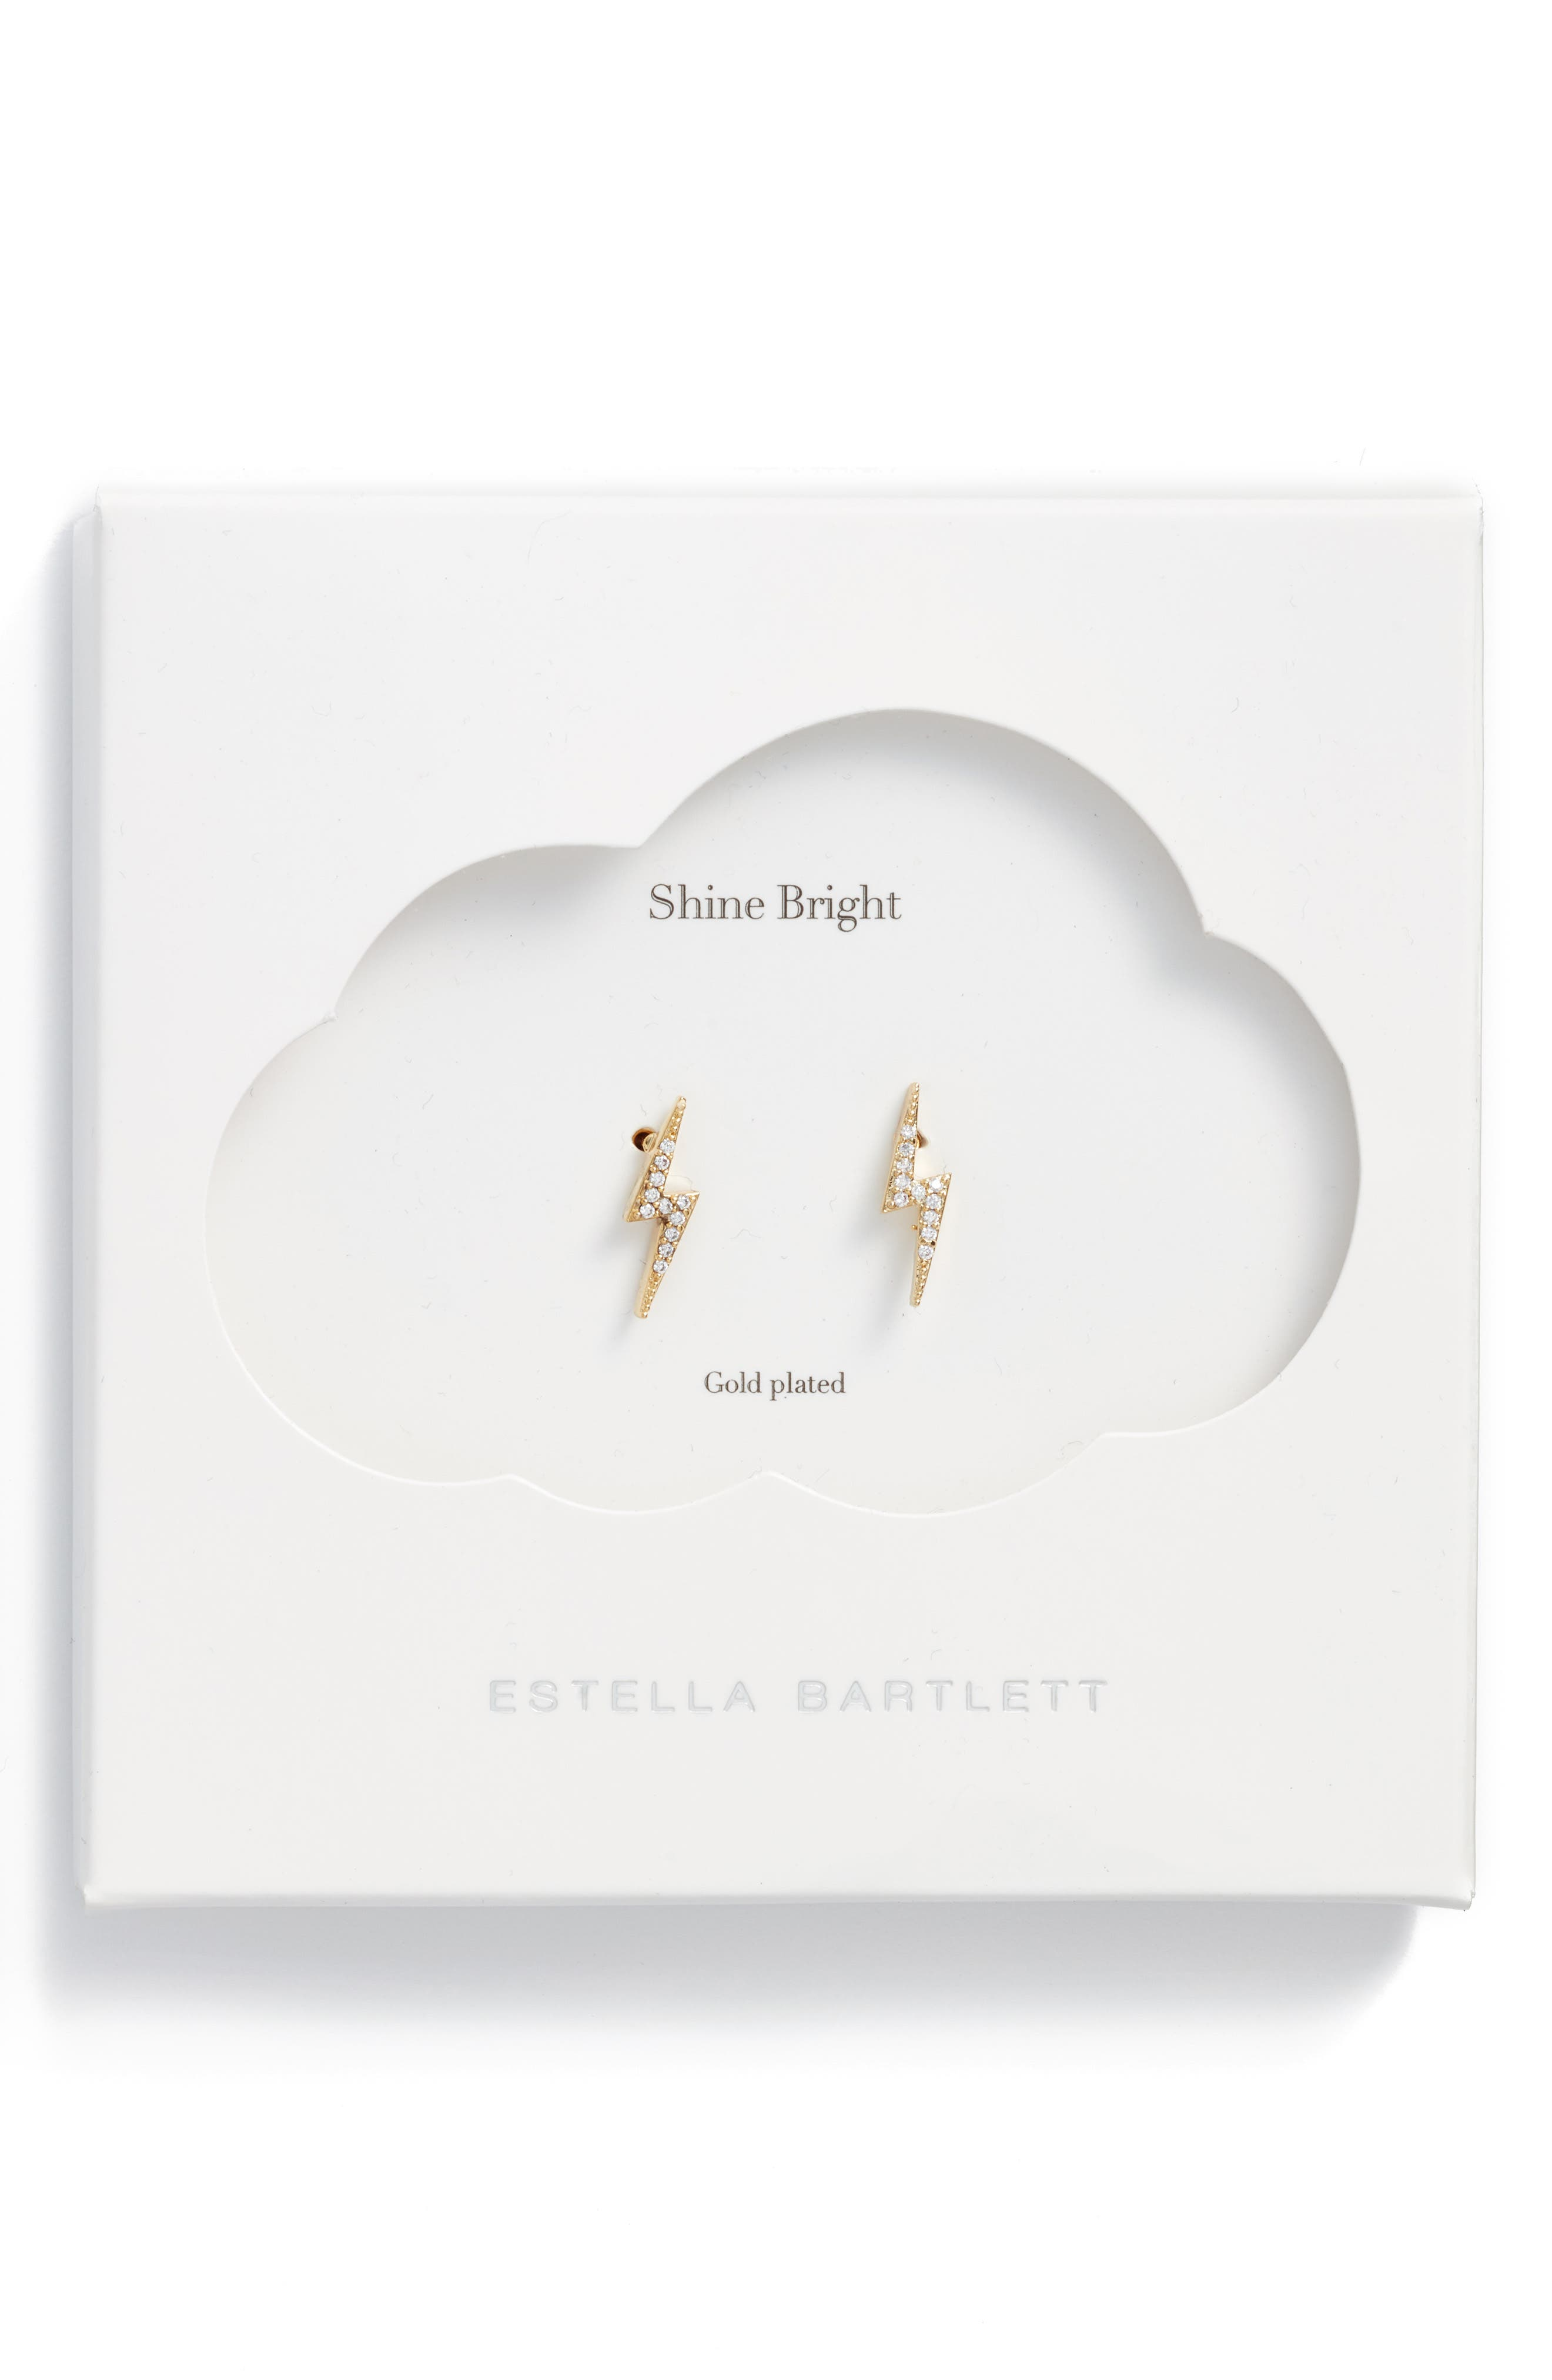 Crystal Lightning Bolt Stud Earrings,                             Alternate thumbnail 3, color,